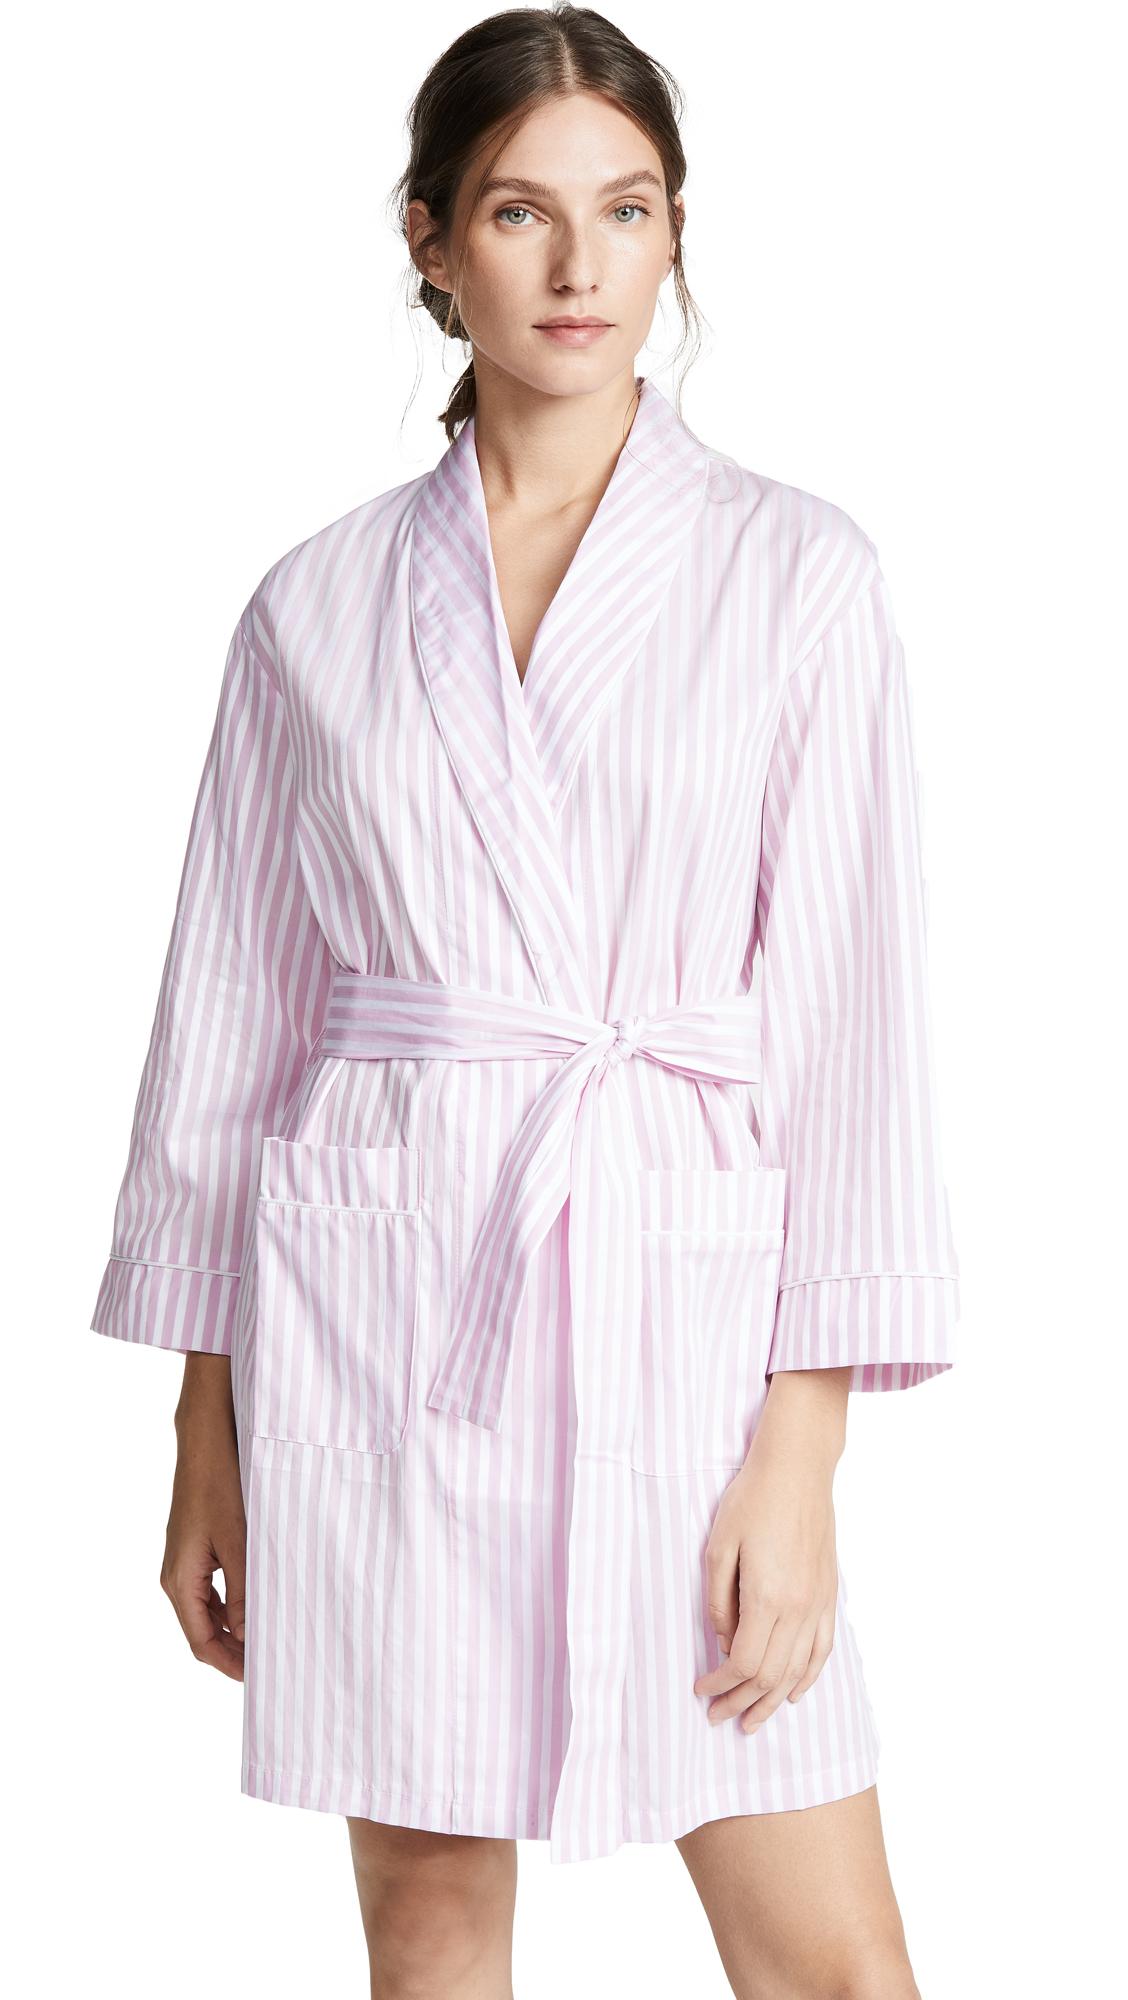 BedHead Pajamas Pink Stripe Robe - Pink Stripe